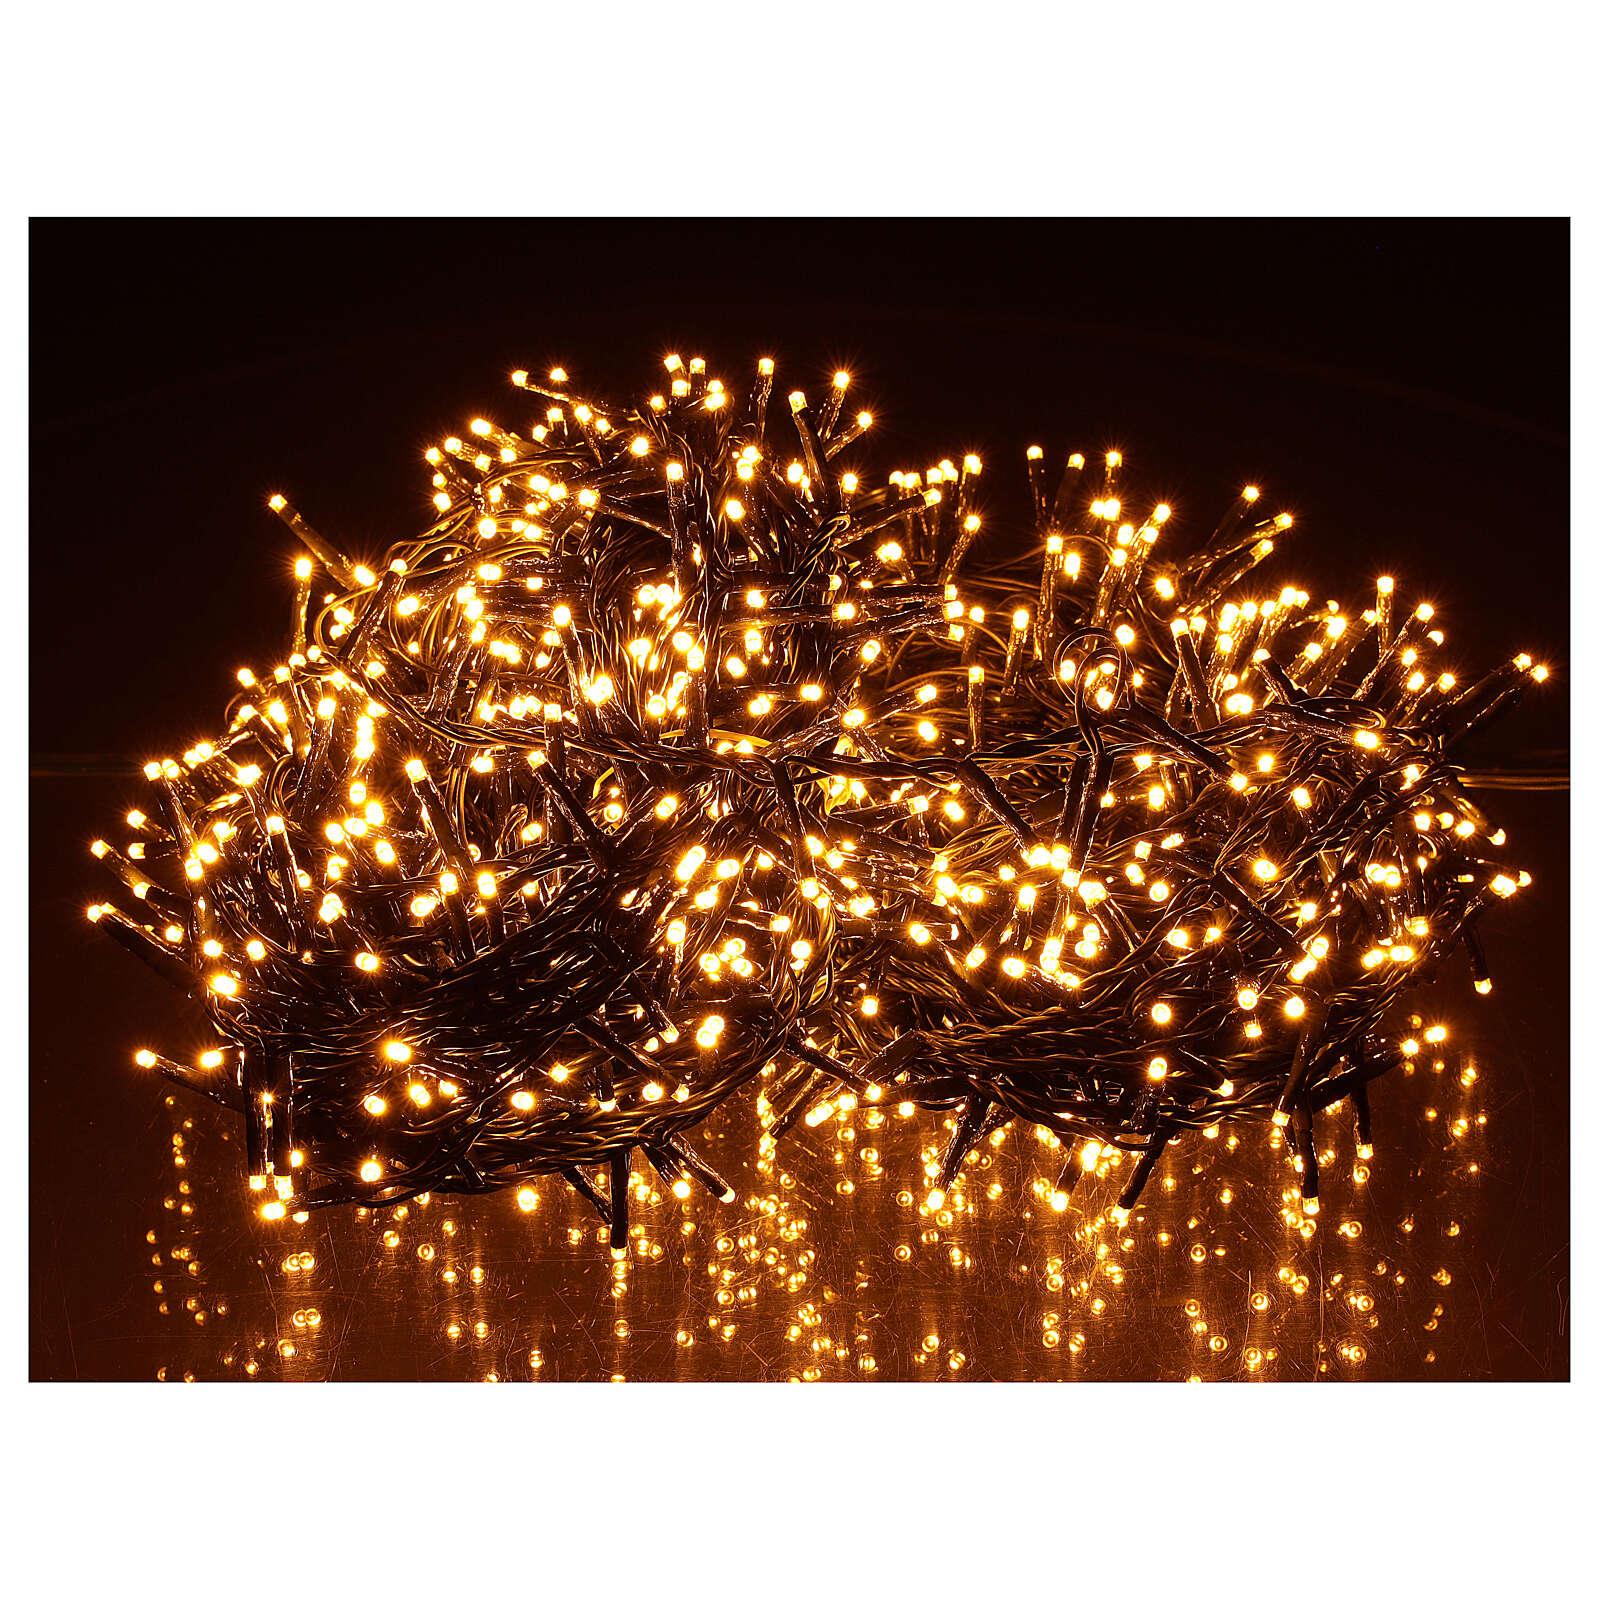 Chain lights 1000 LEDs amber warm white lights external 220V 3